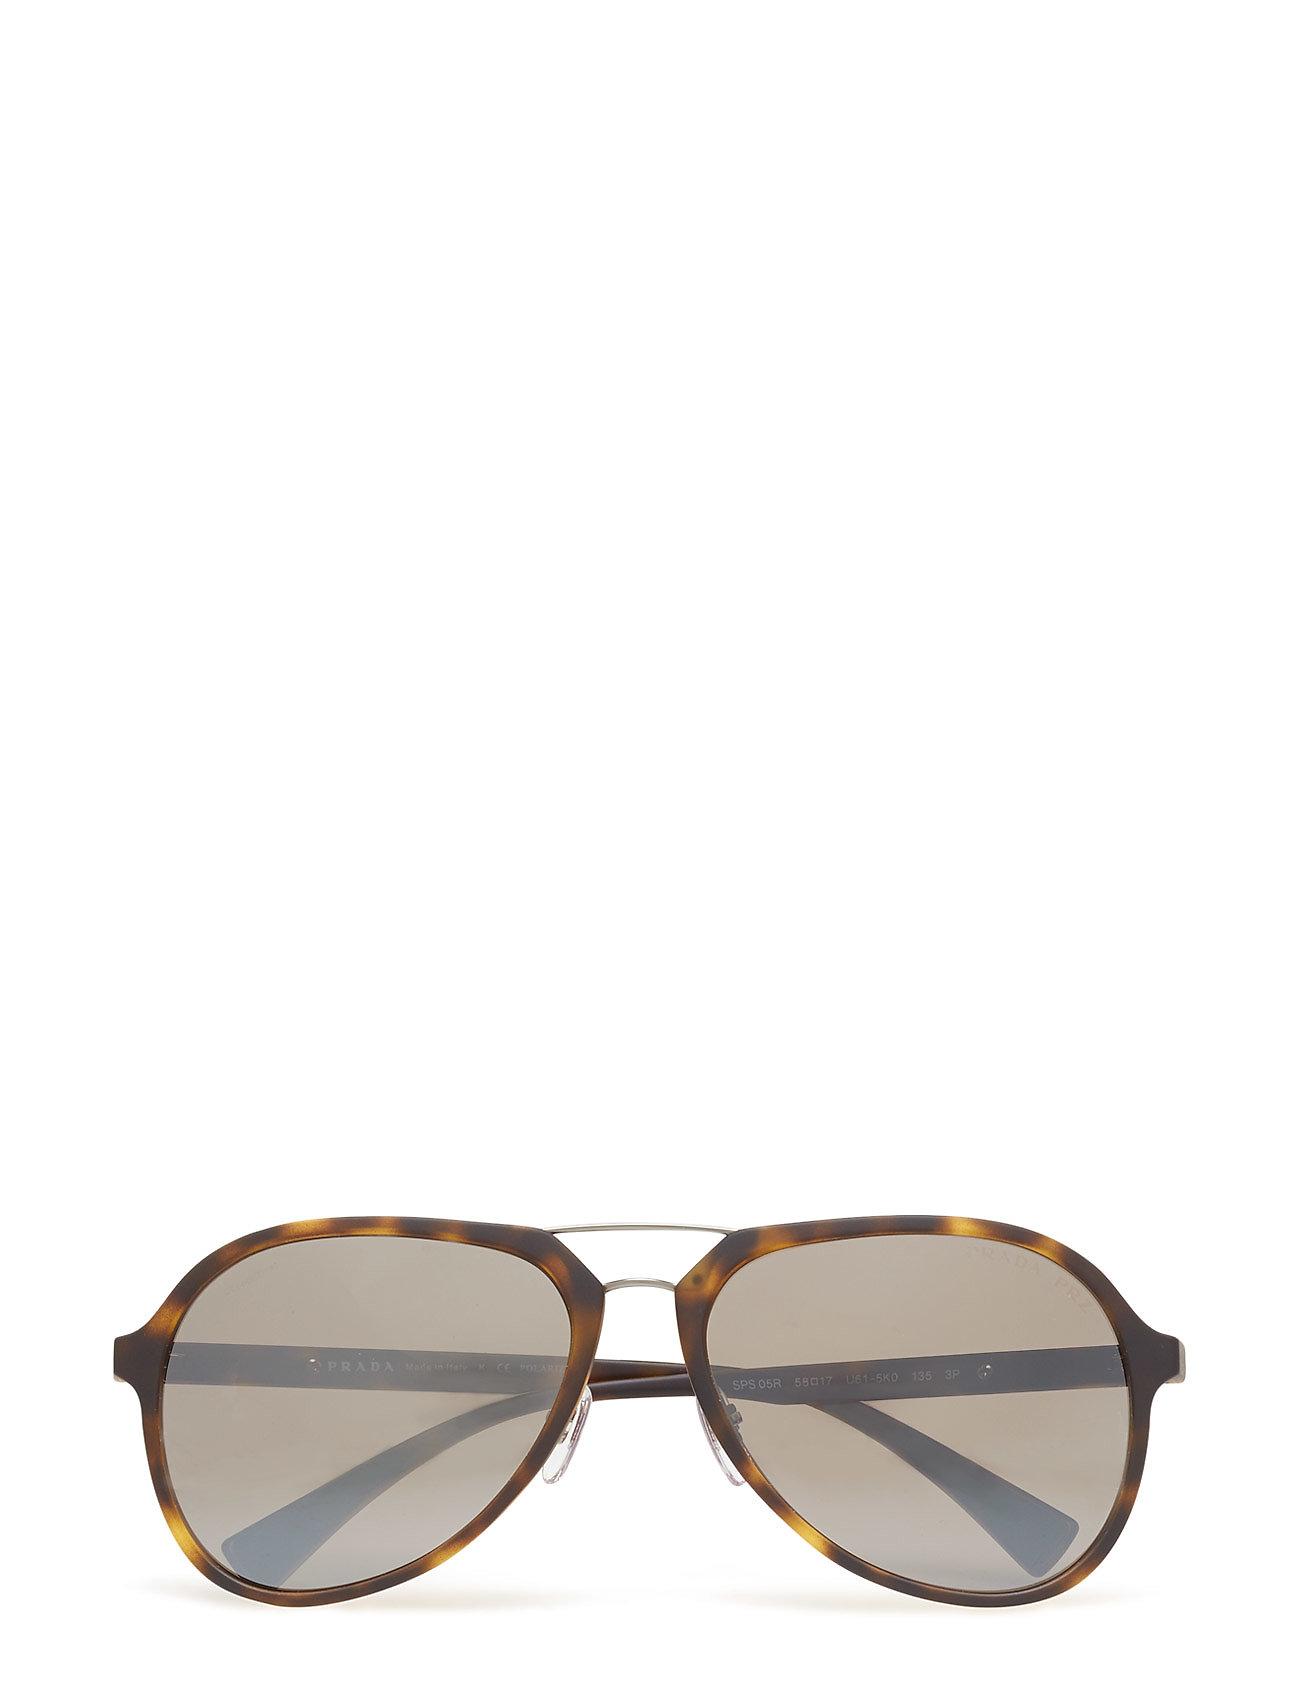 Double Bridge Prada Sport Sunglasses Solbriller til Herrer i